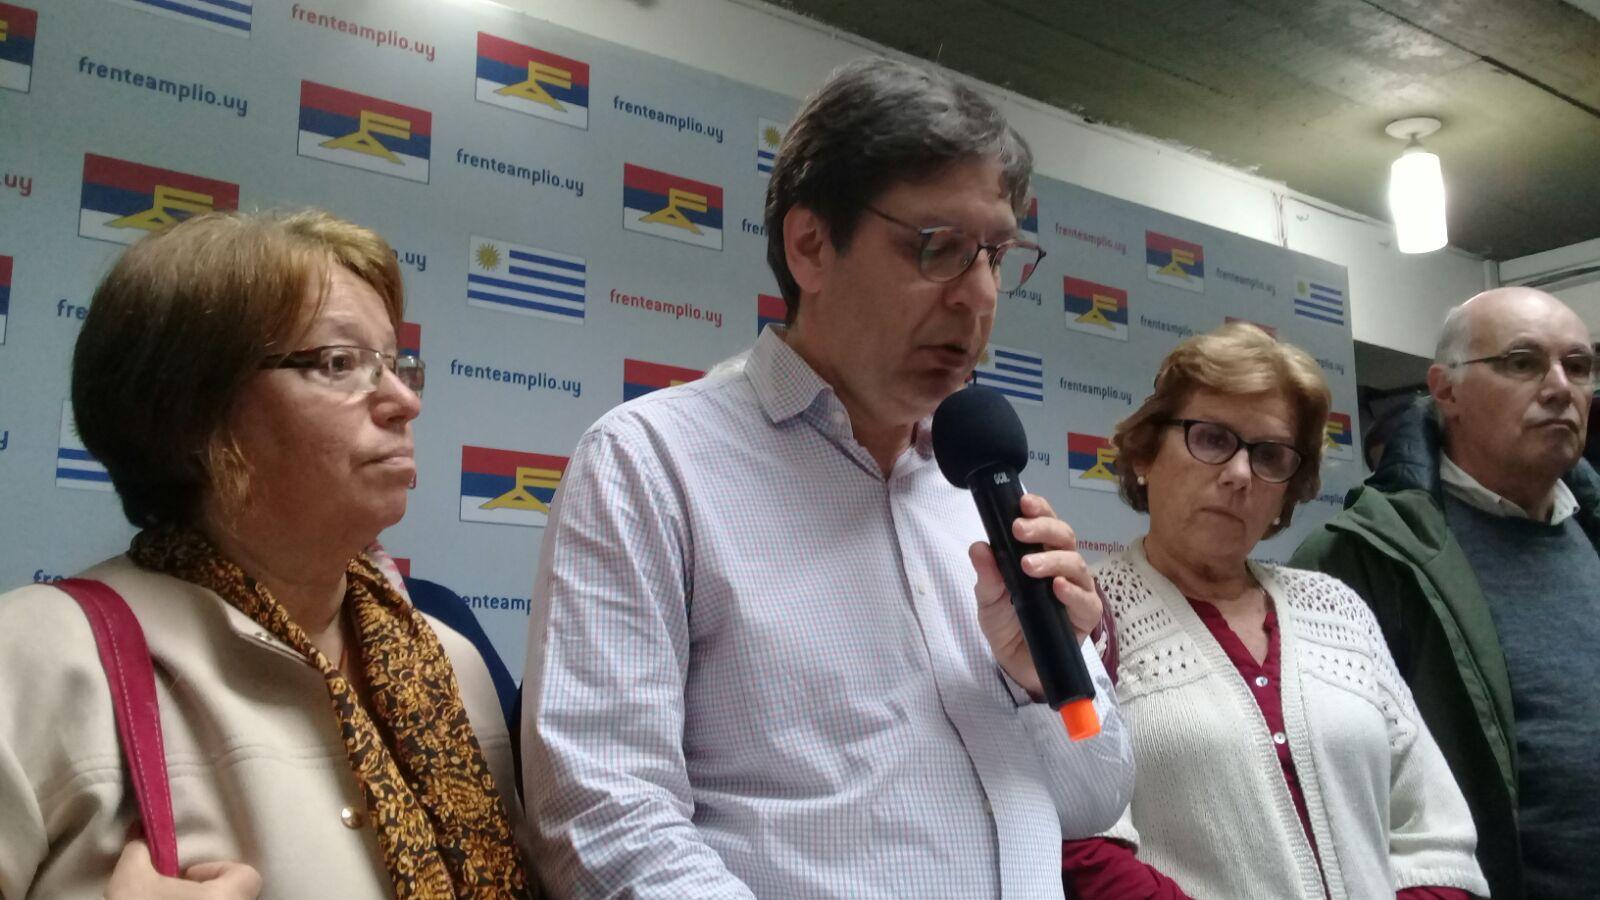 Javier Miranda junto a Mónica Xavier (izq.) y otros diversos integrantes del Plenario Nacional. Foto: Carlos Loría - LARED21